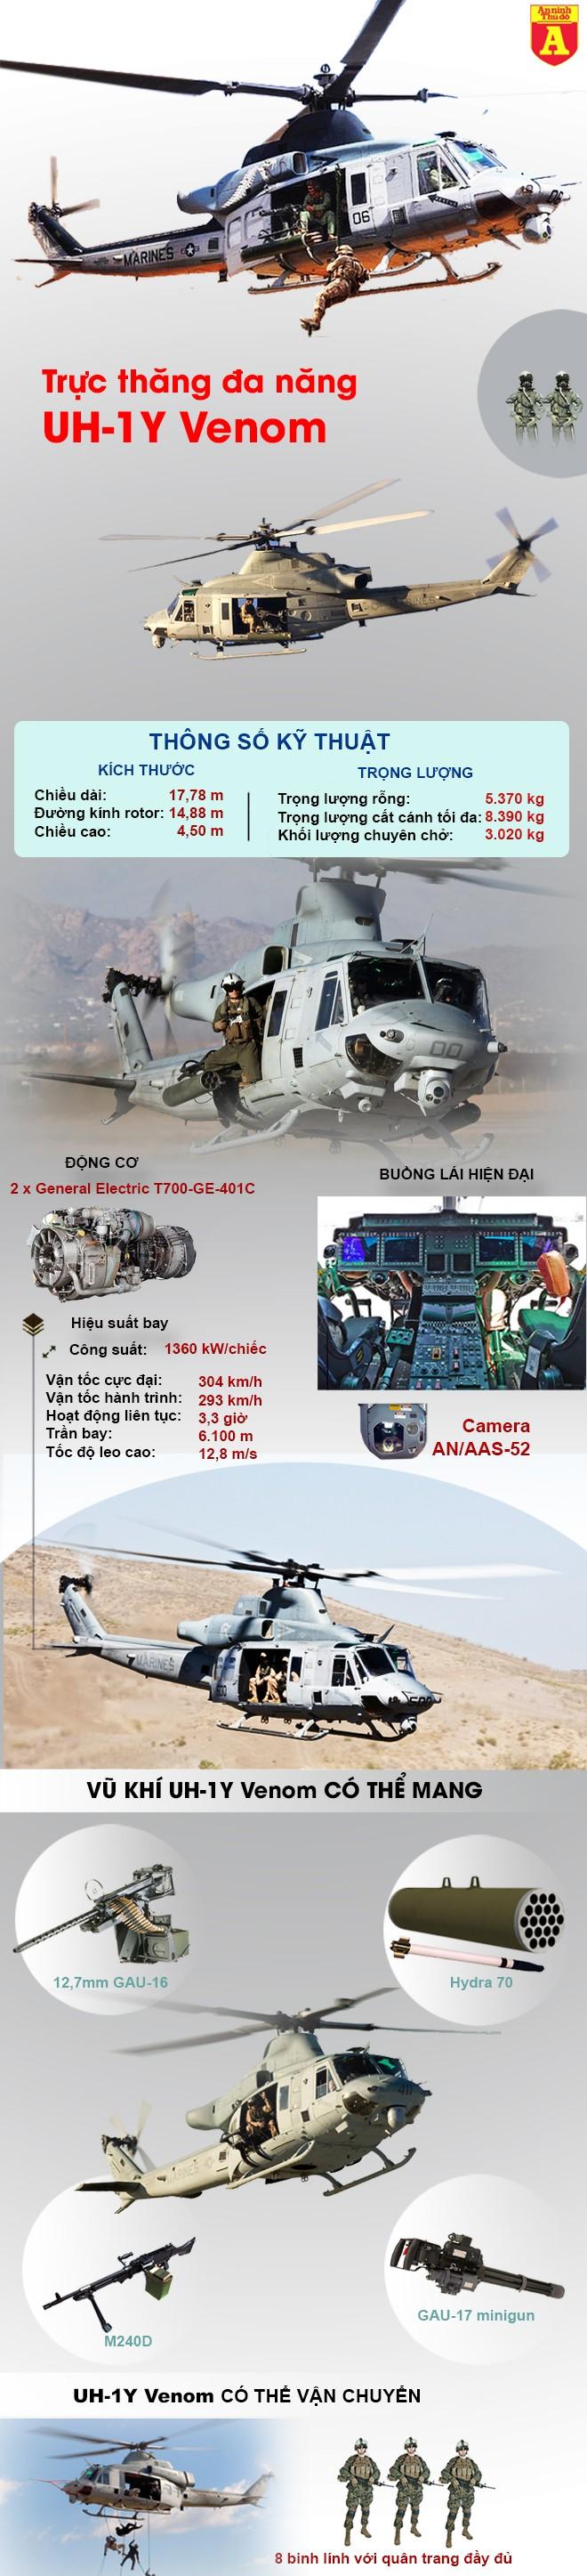 [Infographic] Bền bỉ và mạnh mẽ, 'lão tướng' UH-1 Mỹ vẫn khiến Mi-8/17 Nga nể phục ảnh 2